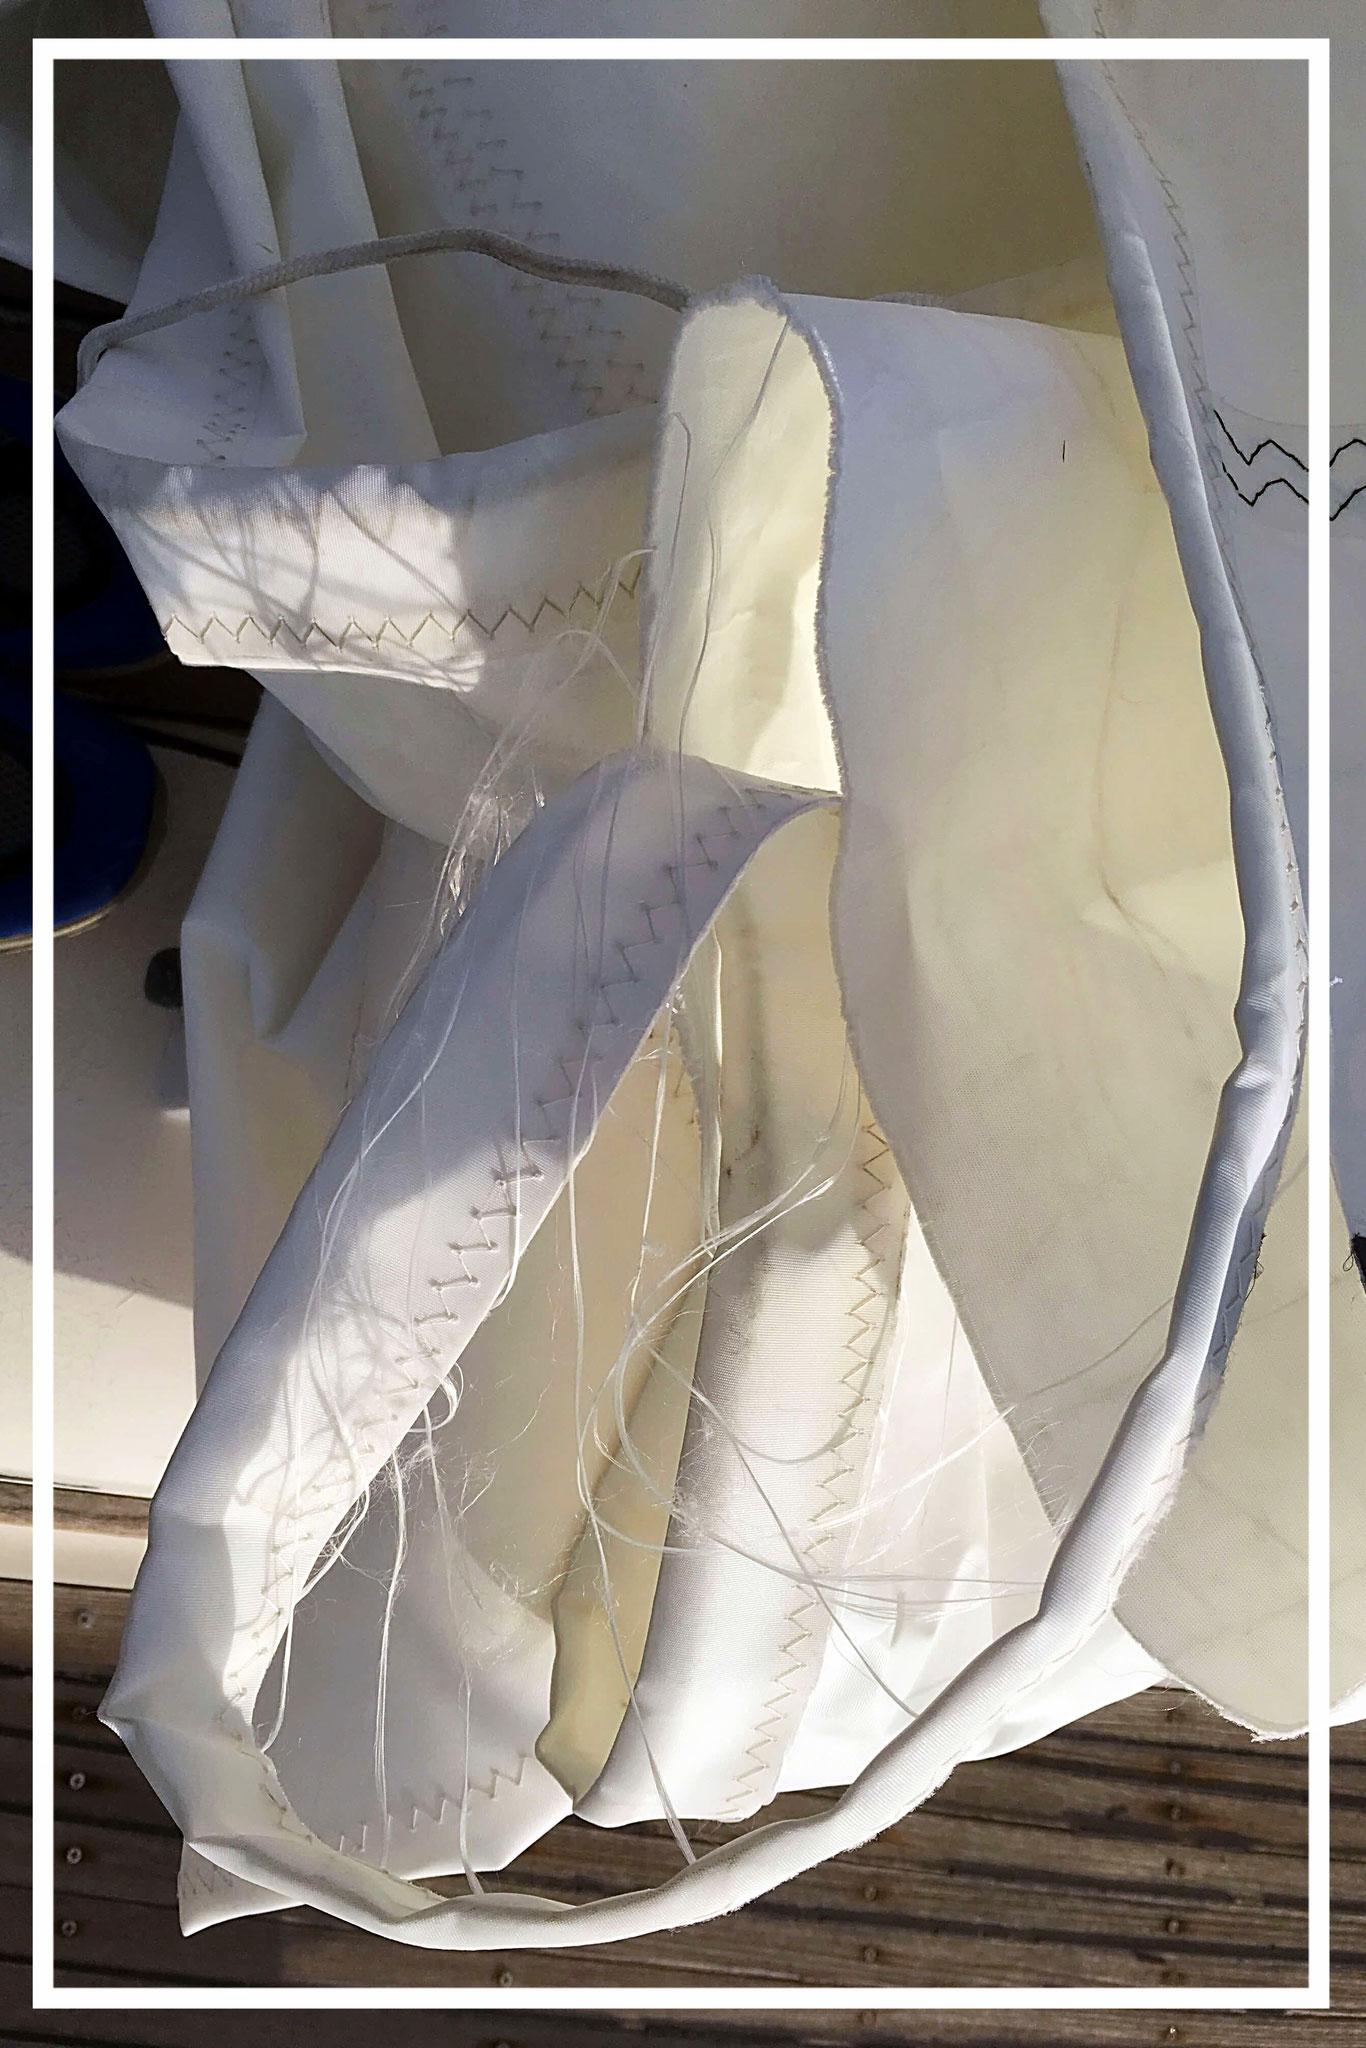 ripped sail